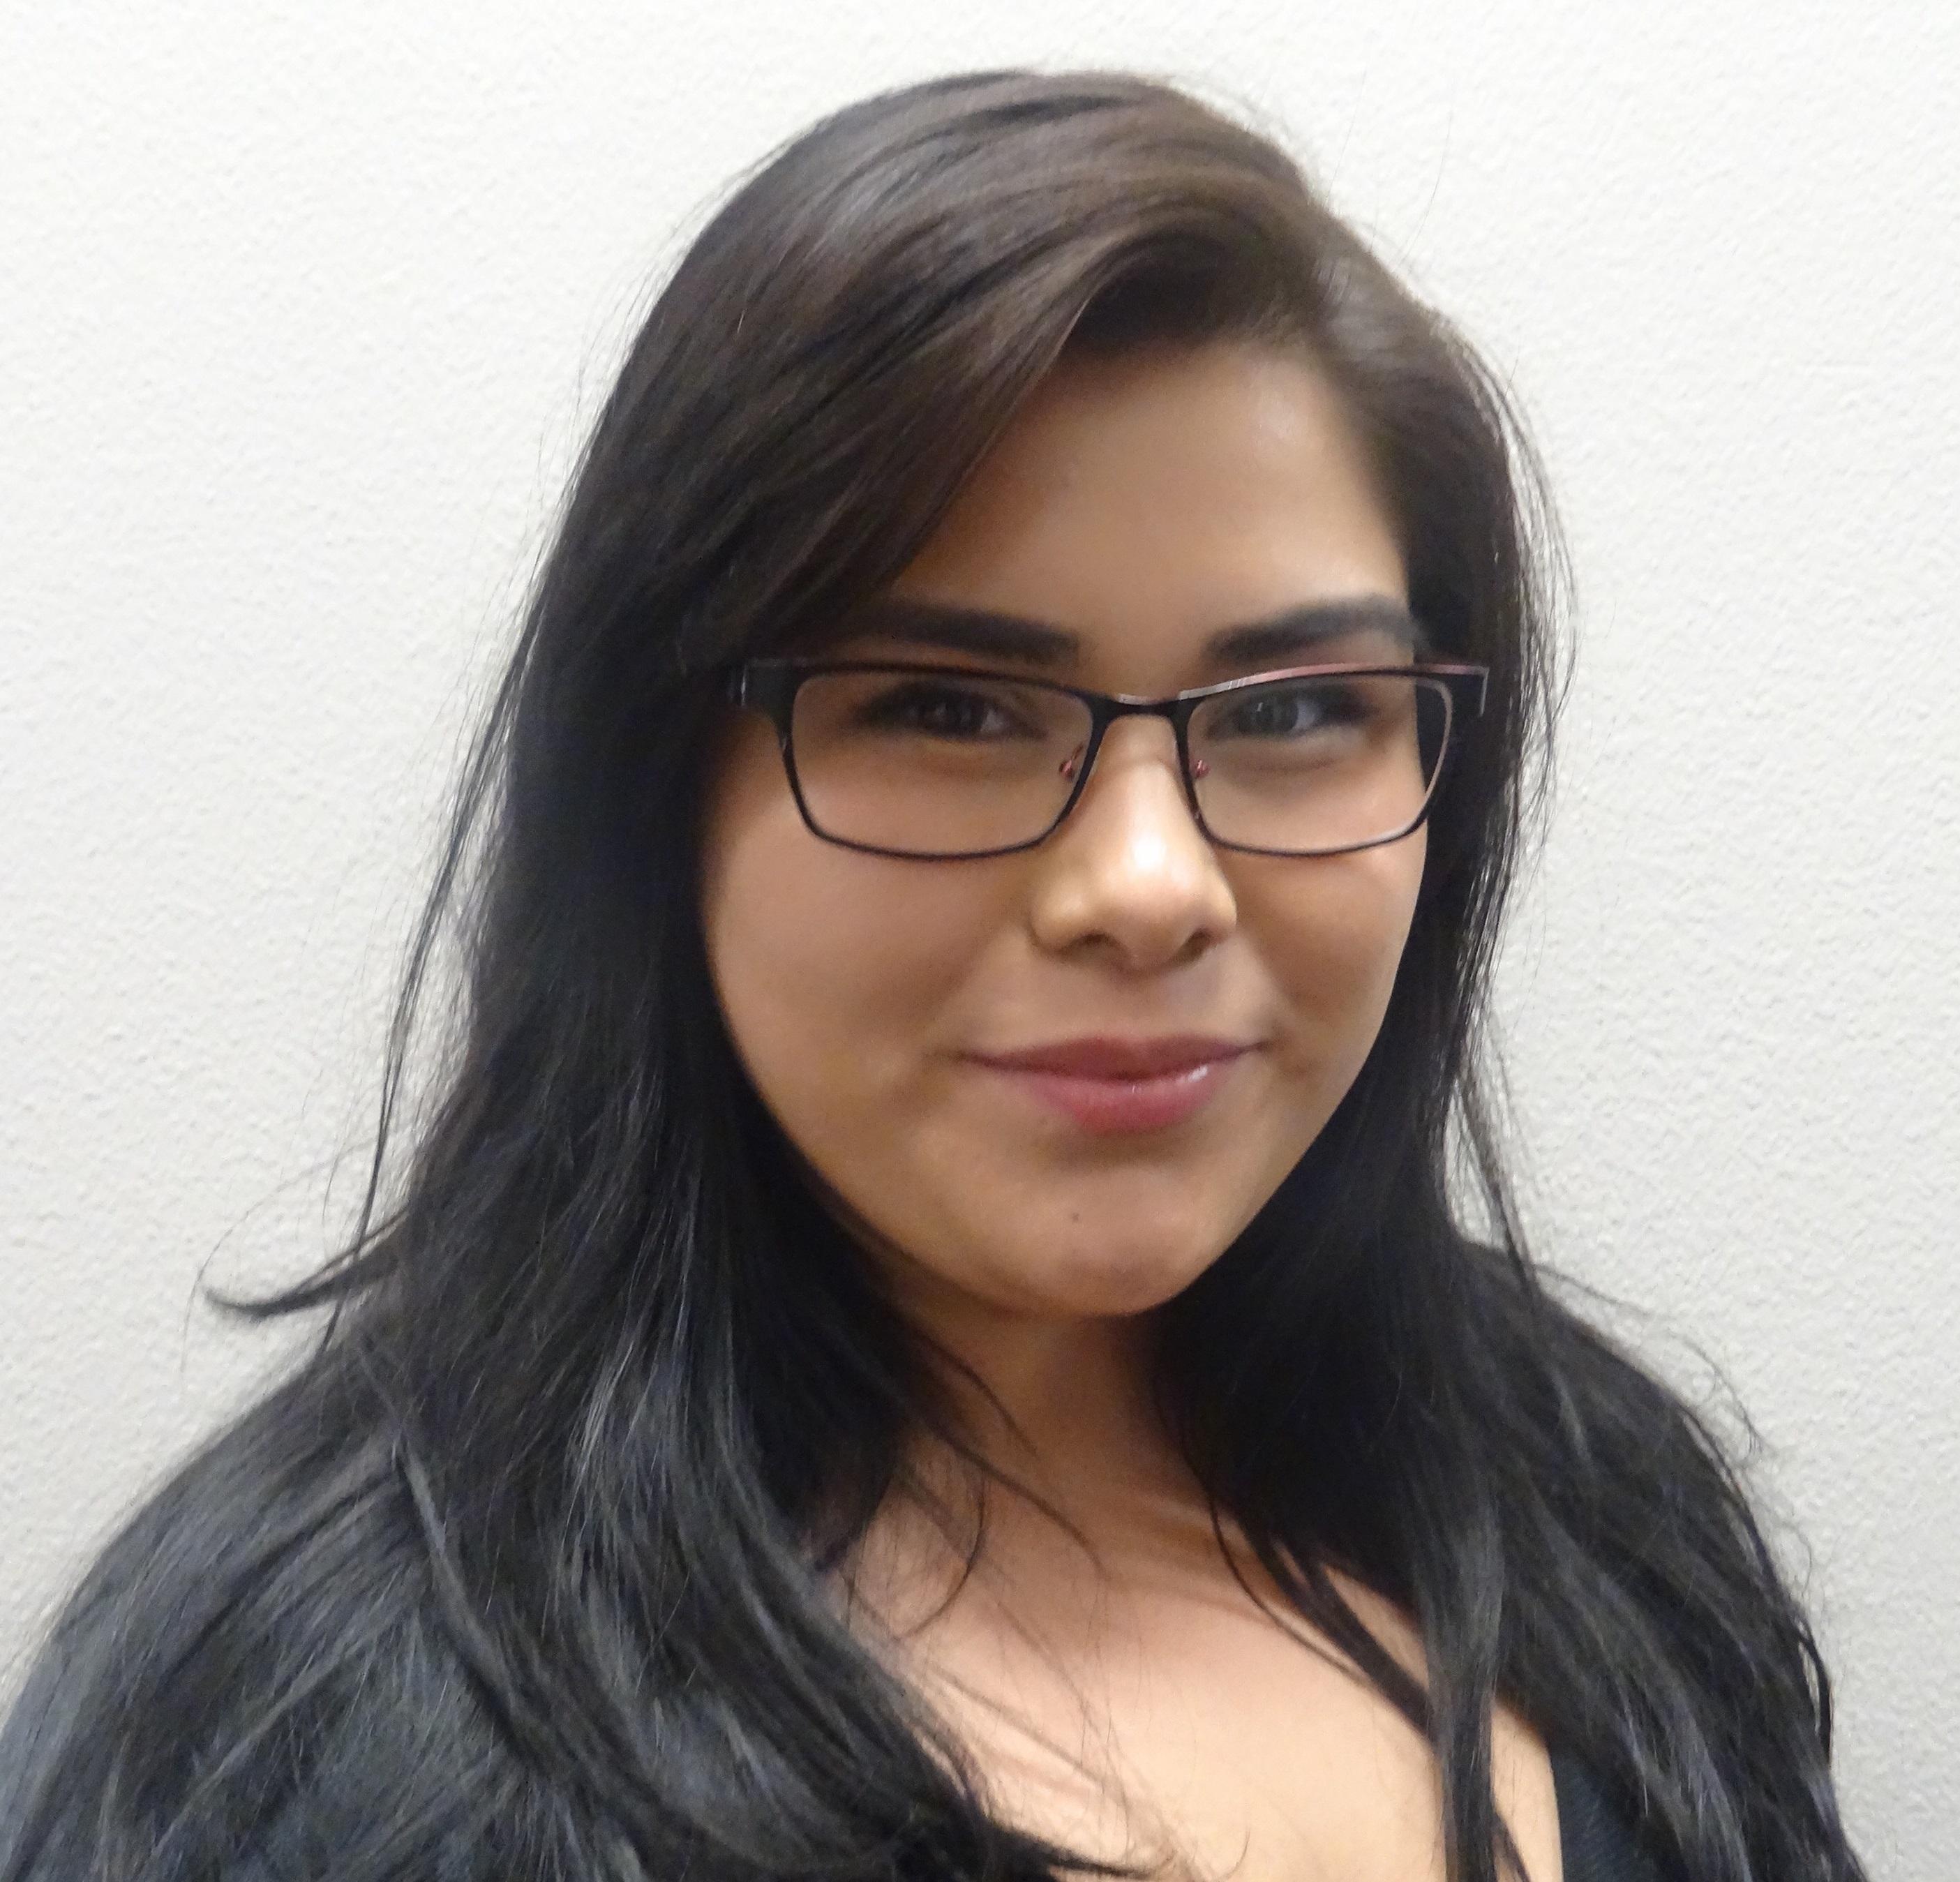 Janette Martinez